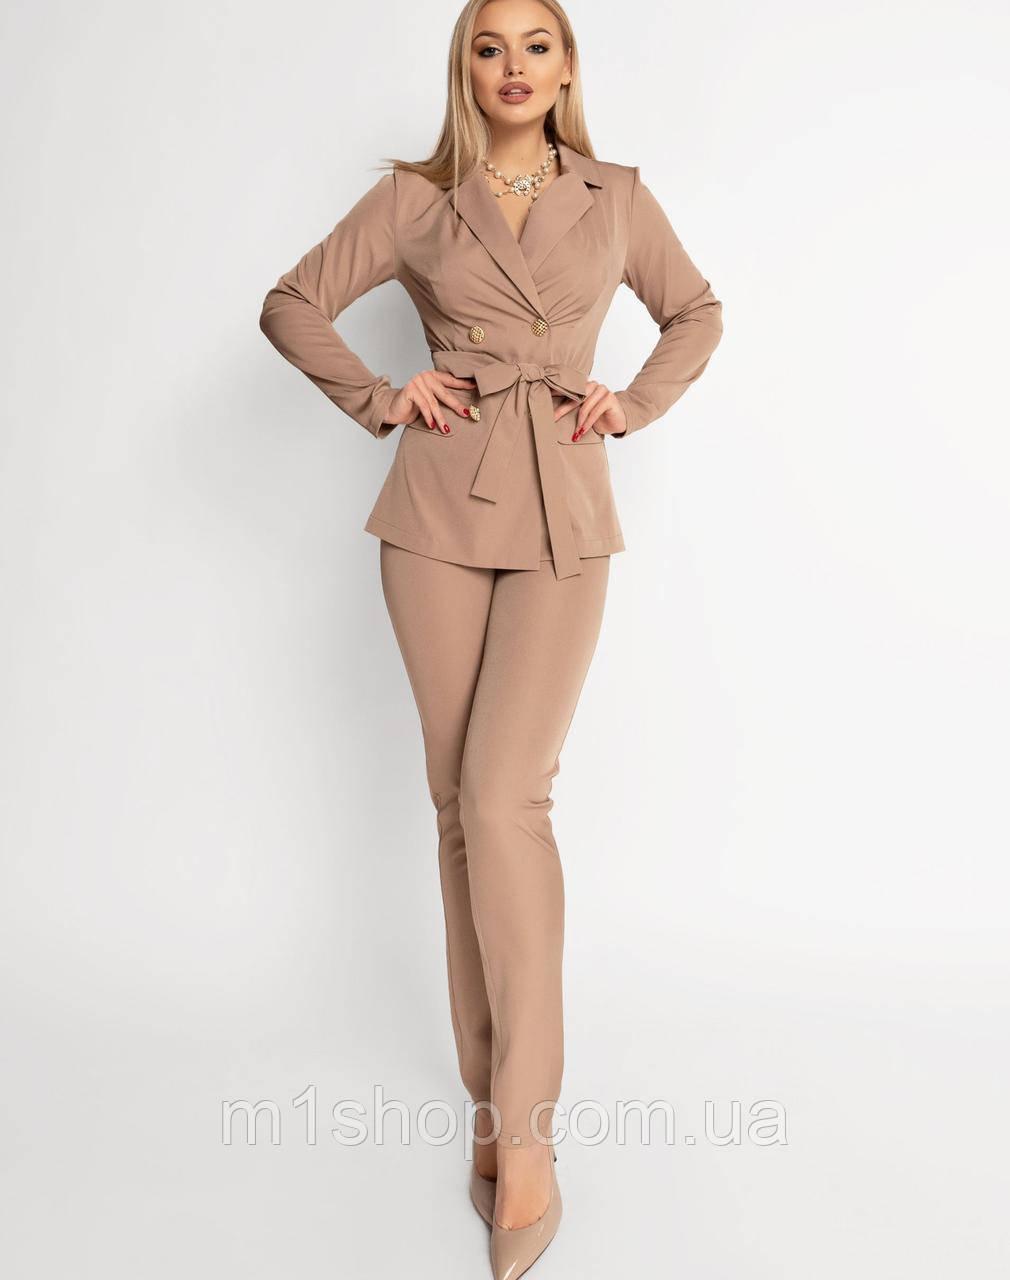 Женский брючный костюм с двубортным жакетом (Адель jd)